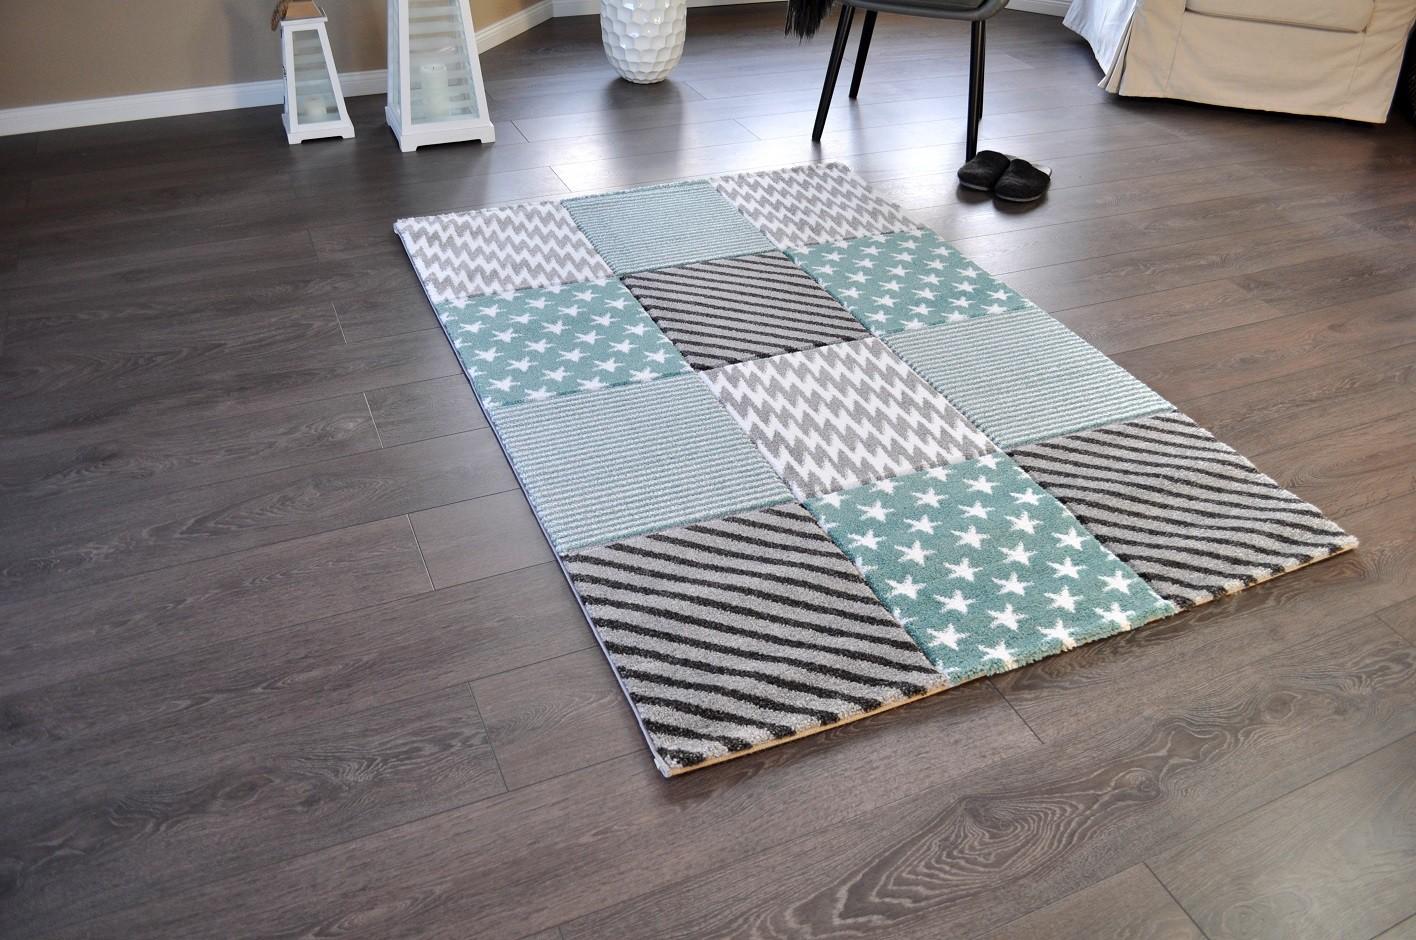 Hochwertiger Design Teppich Relief TF 22 Türkis Grau Weiß STERNE 160 X 230